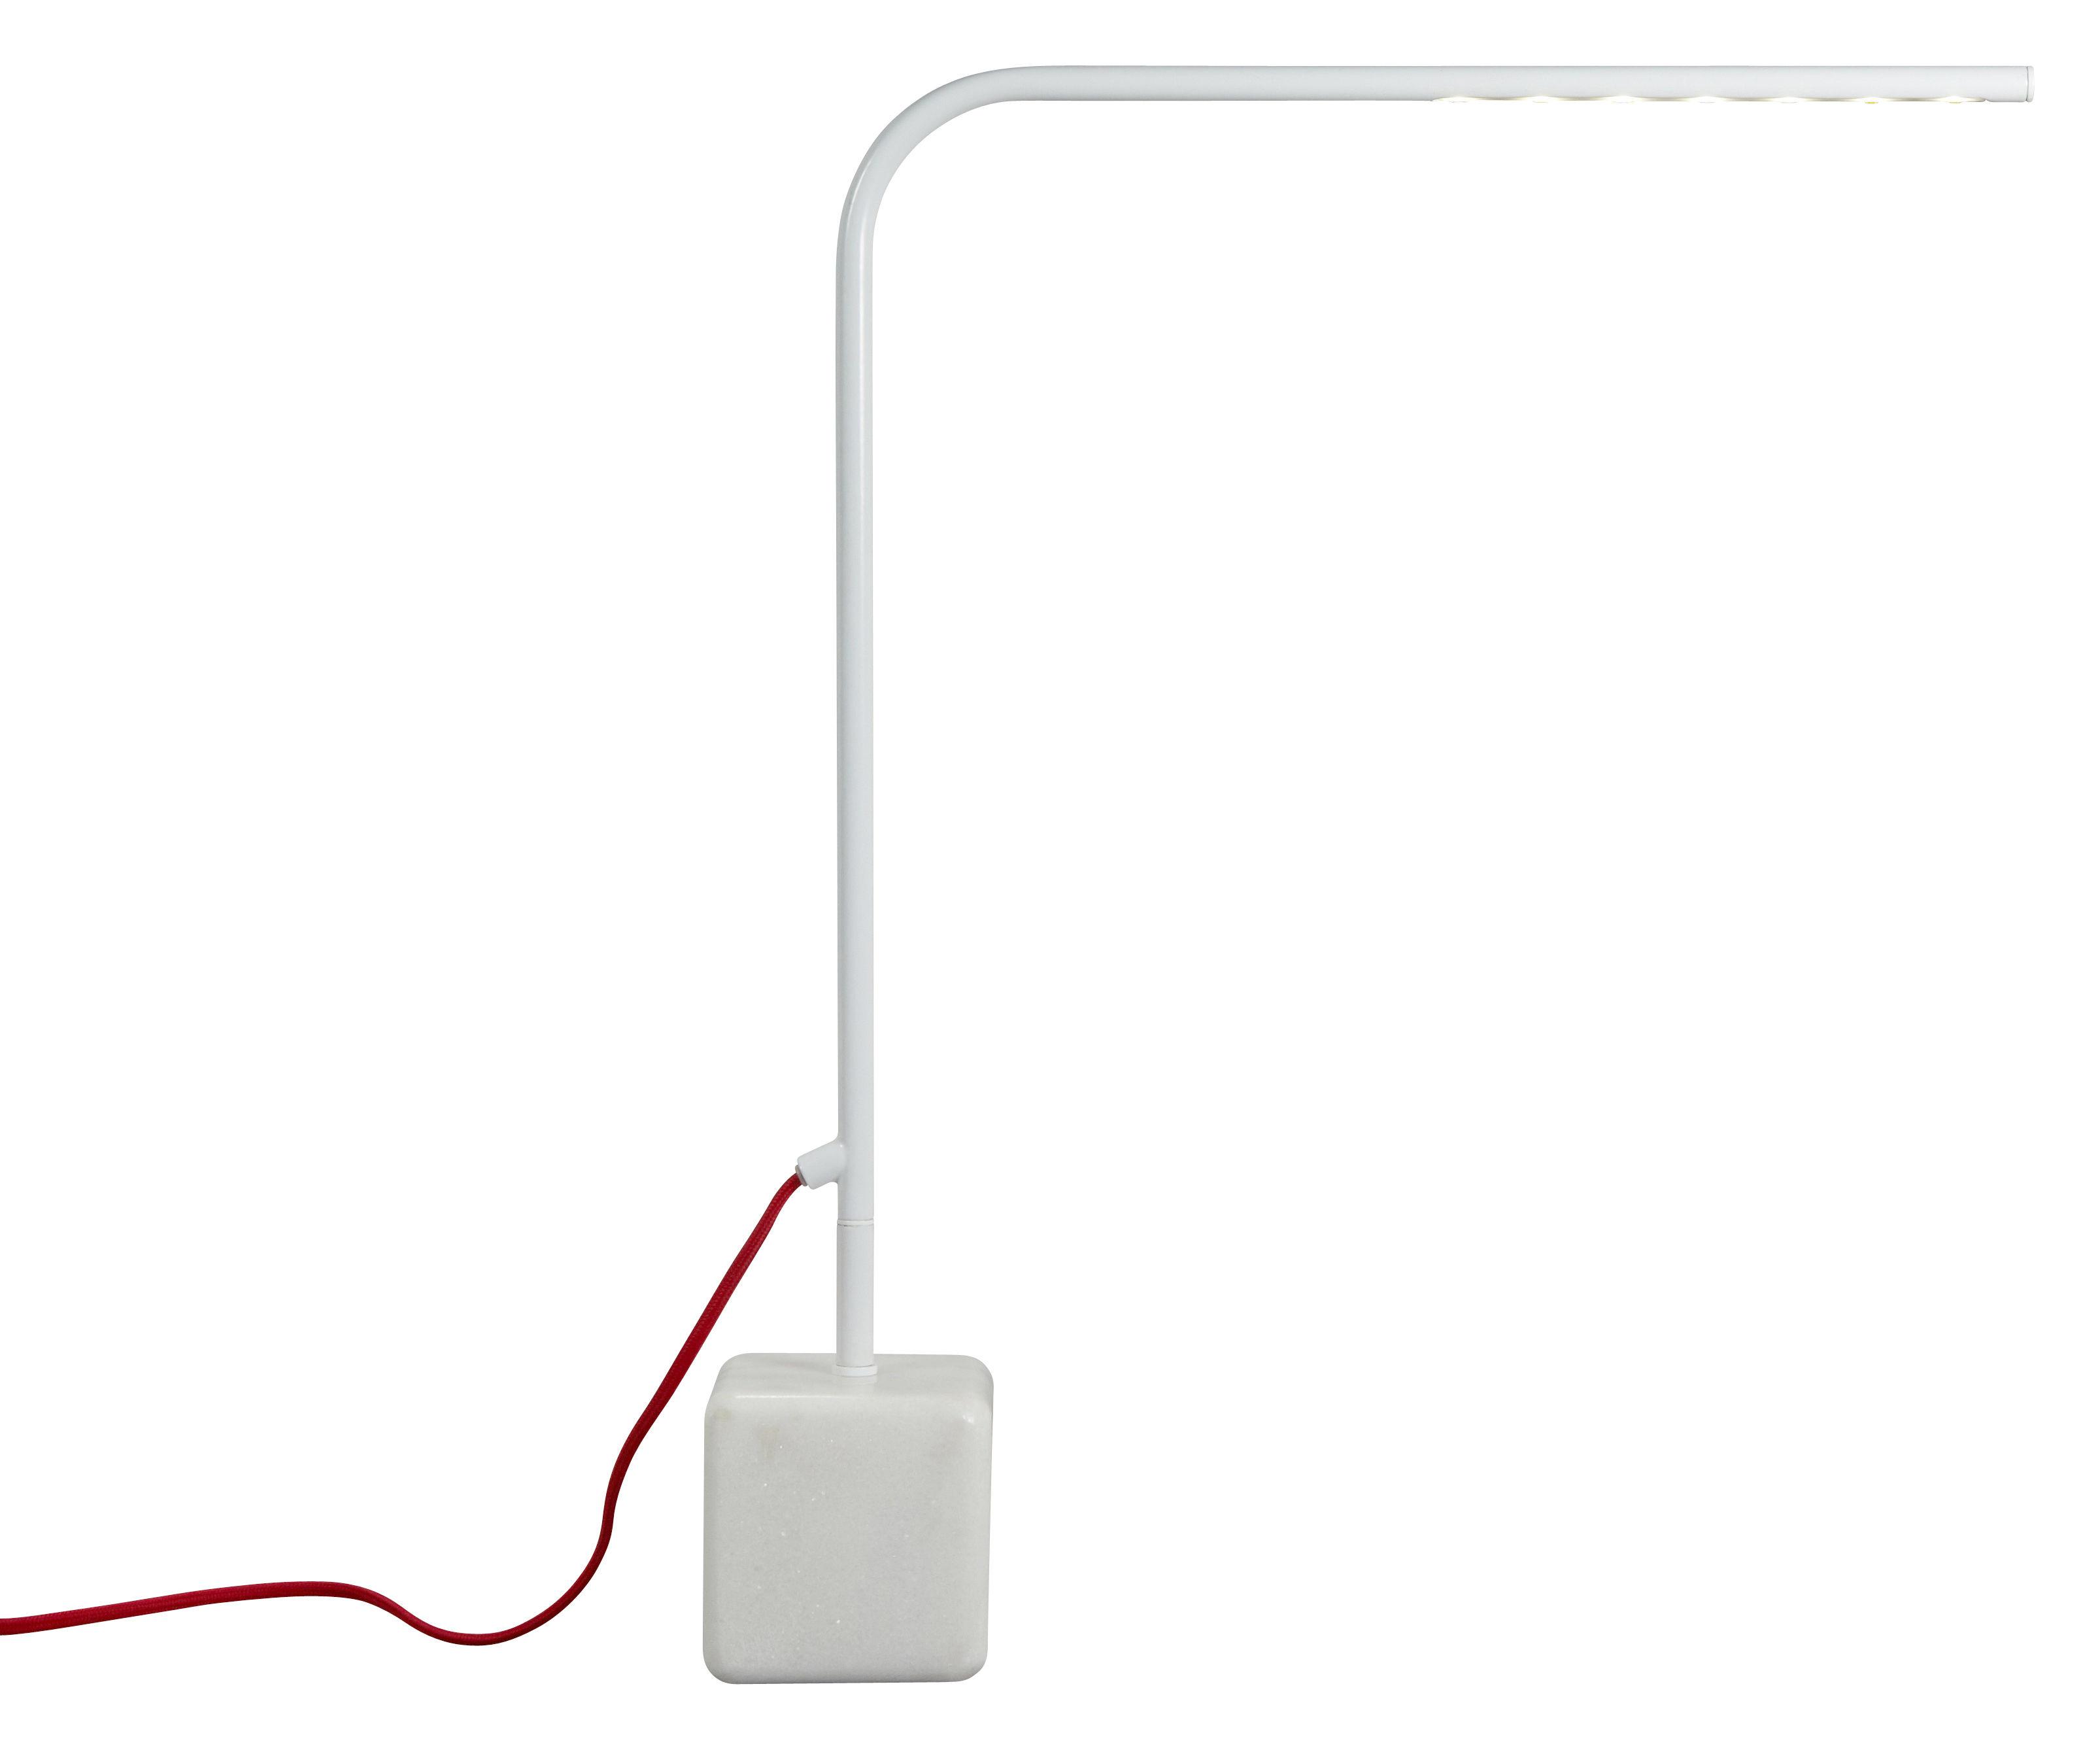 Leuchten - Tischleuchten - Birdy High Tischleuchte LED - H 60 cm - Forestier - Weiß - High - H 60 cm - lackiertes Metall, Marmor